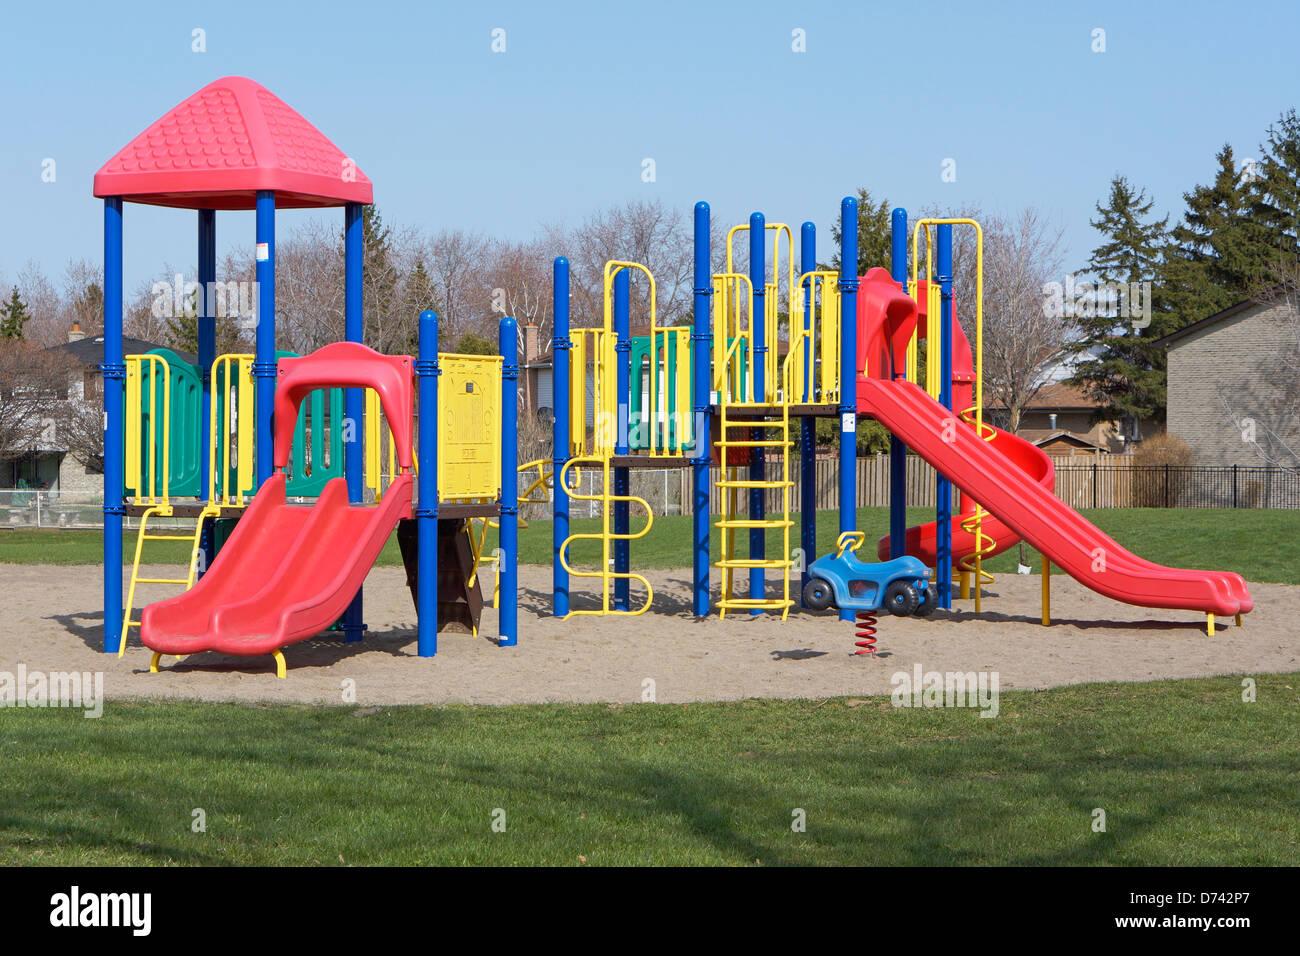 Kinderspielplatz, Rutschen auf dem Schulgelände Stockbild